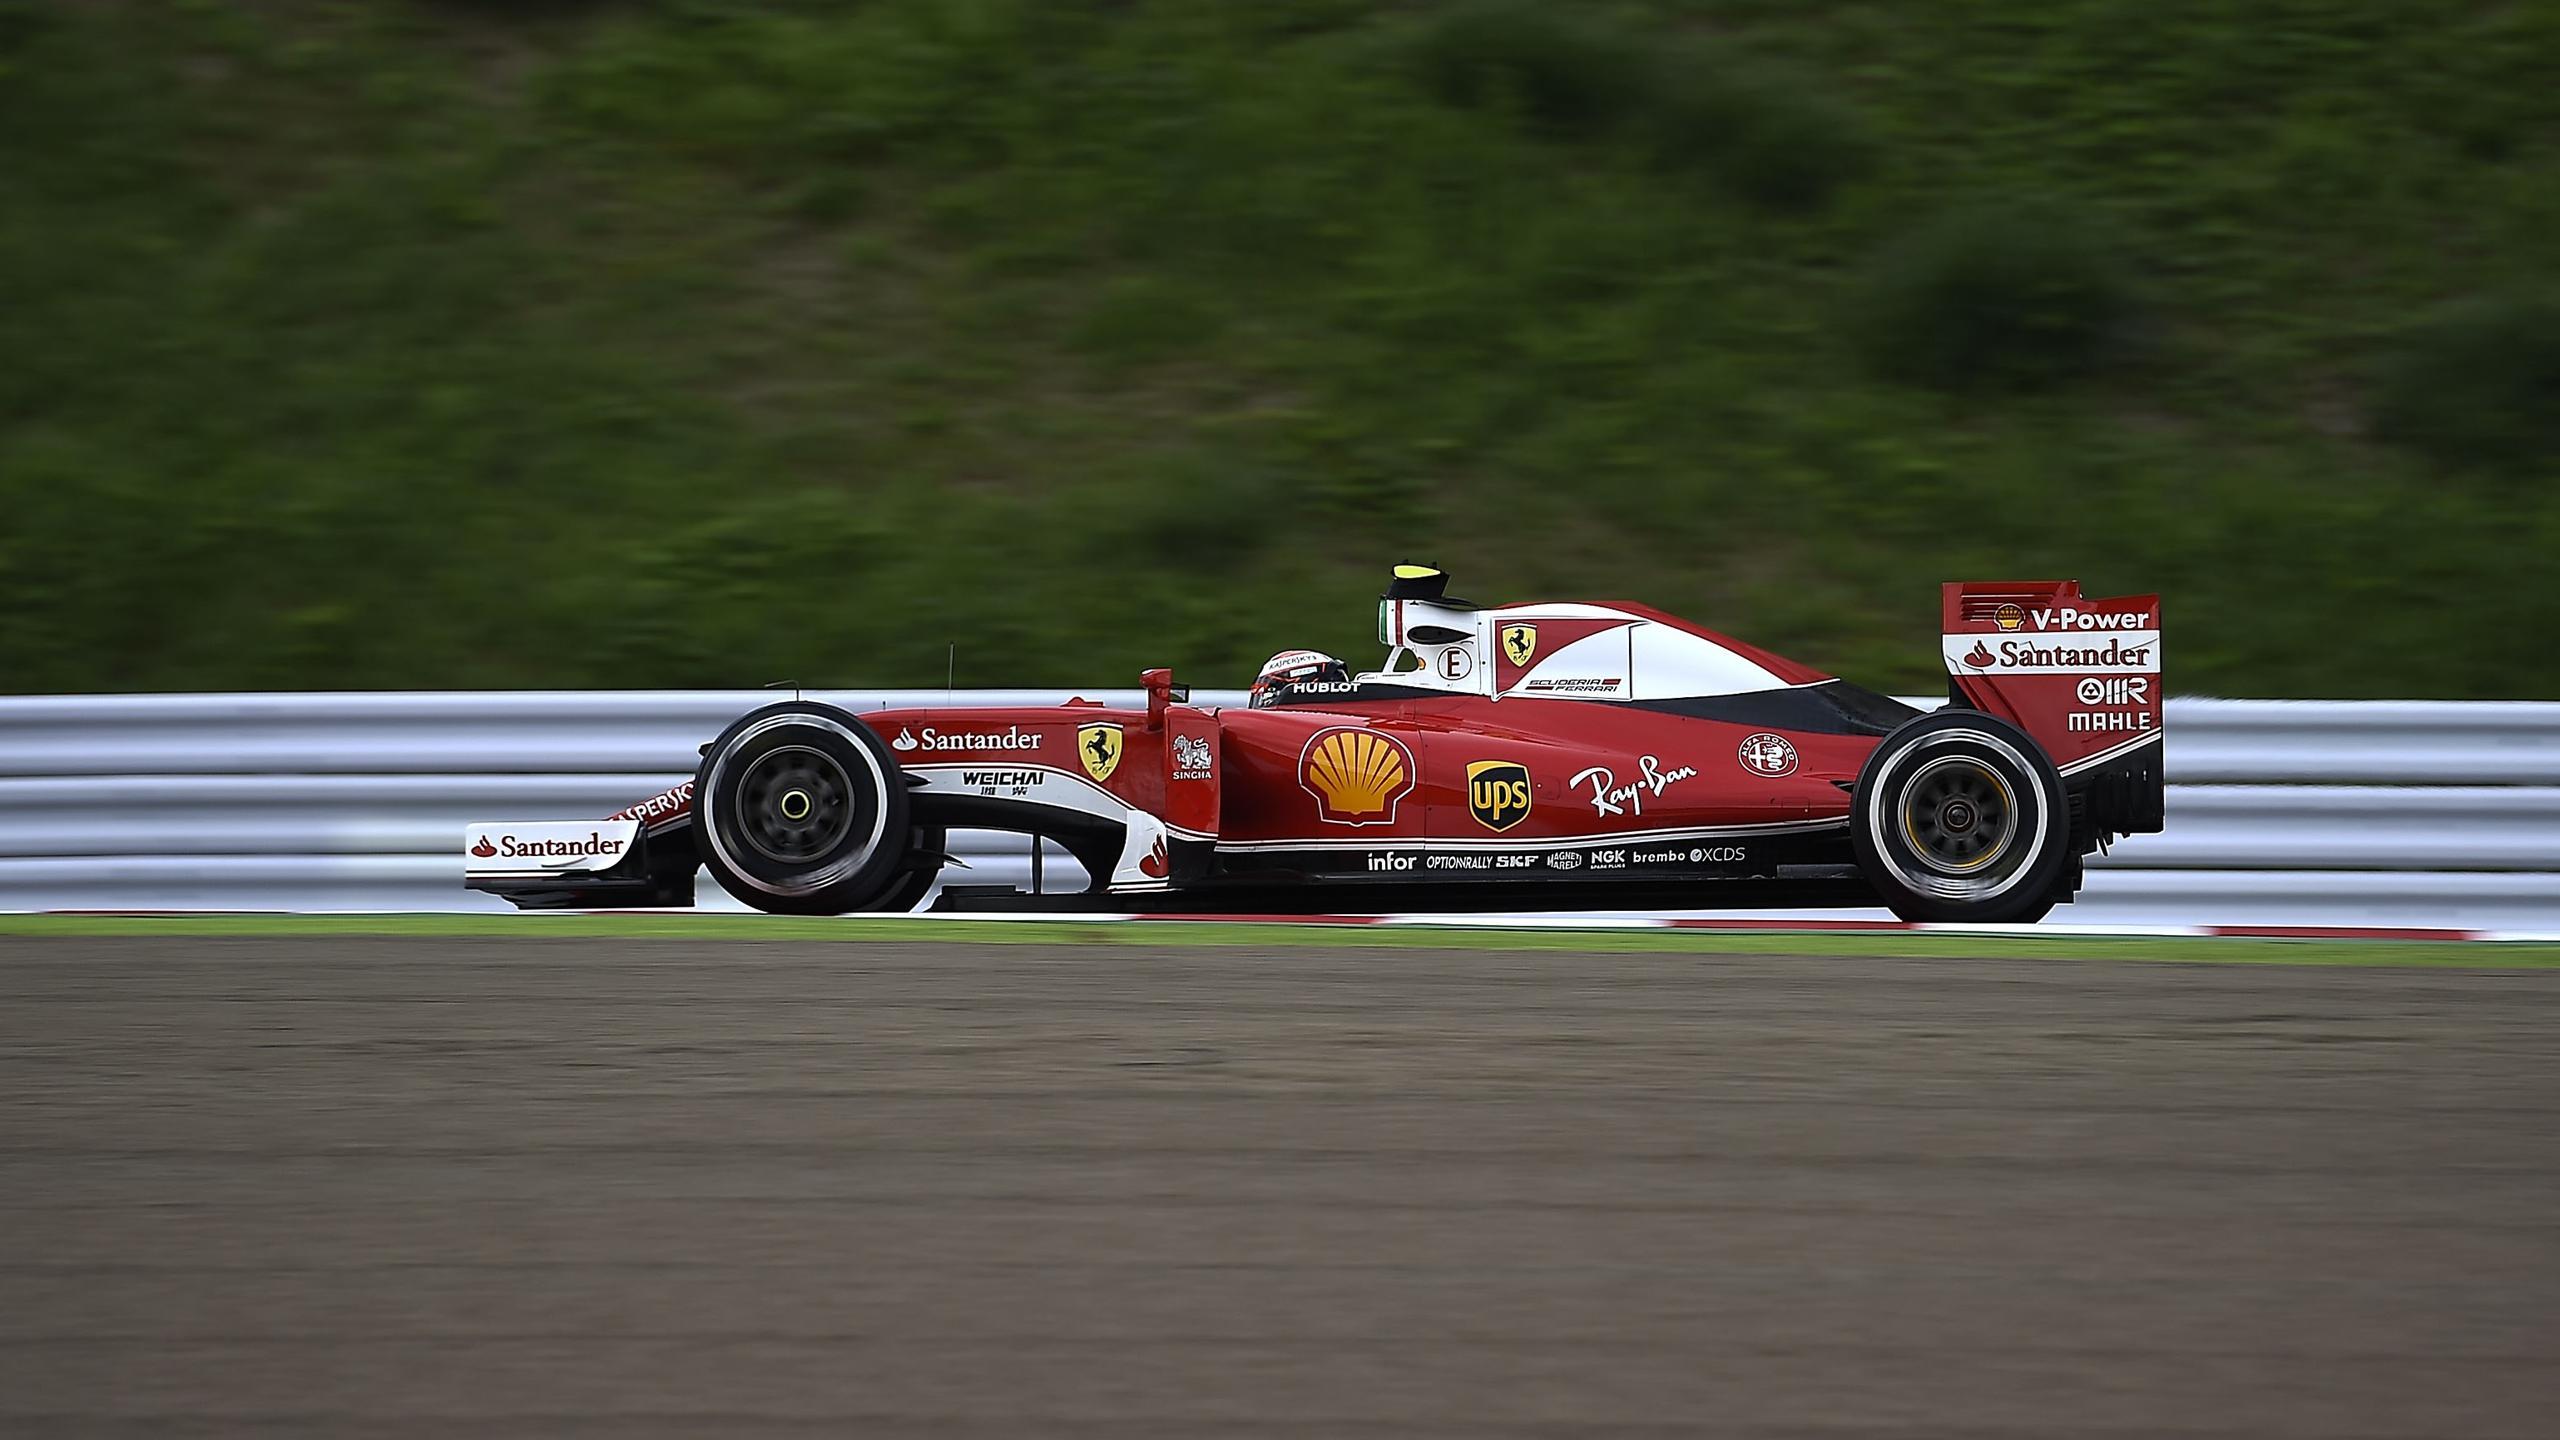 Kimi Räikkönen (Ferrari) - GP of Japan 2016